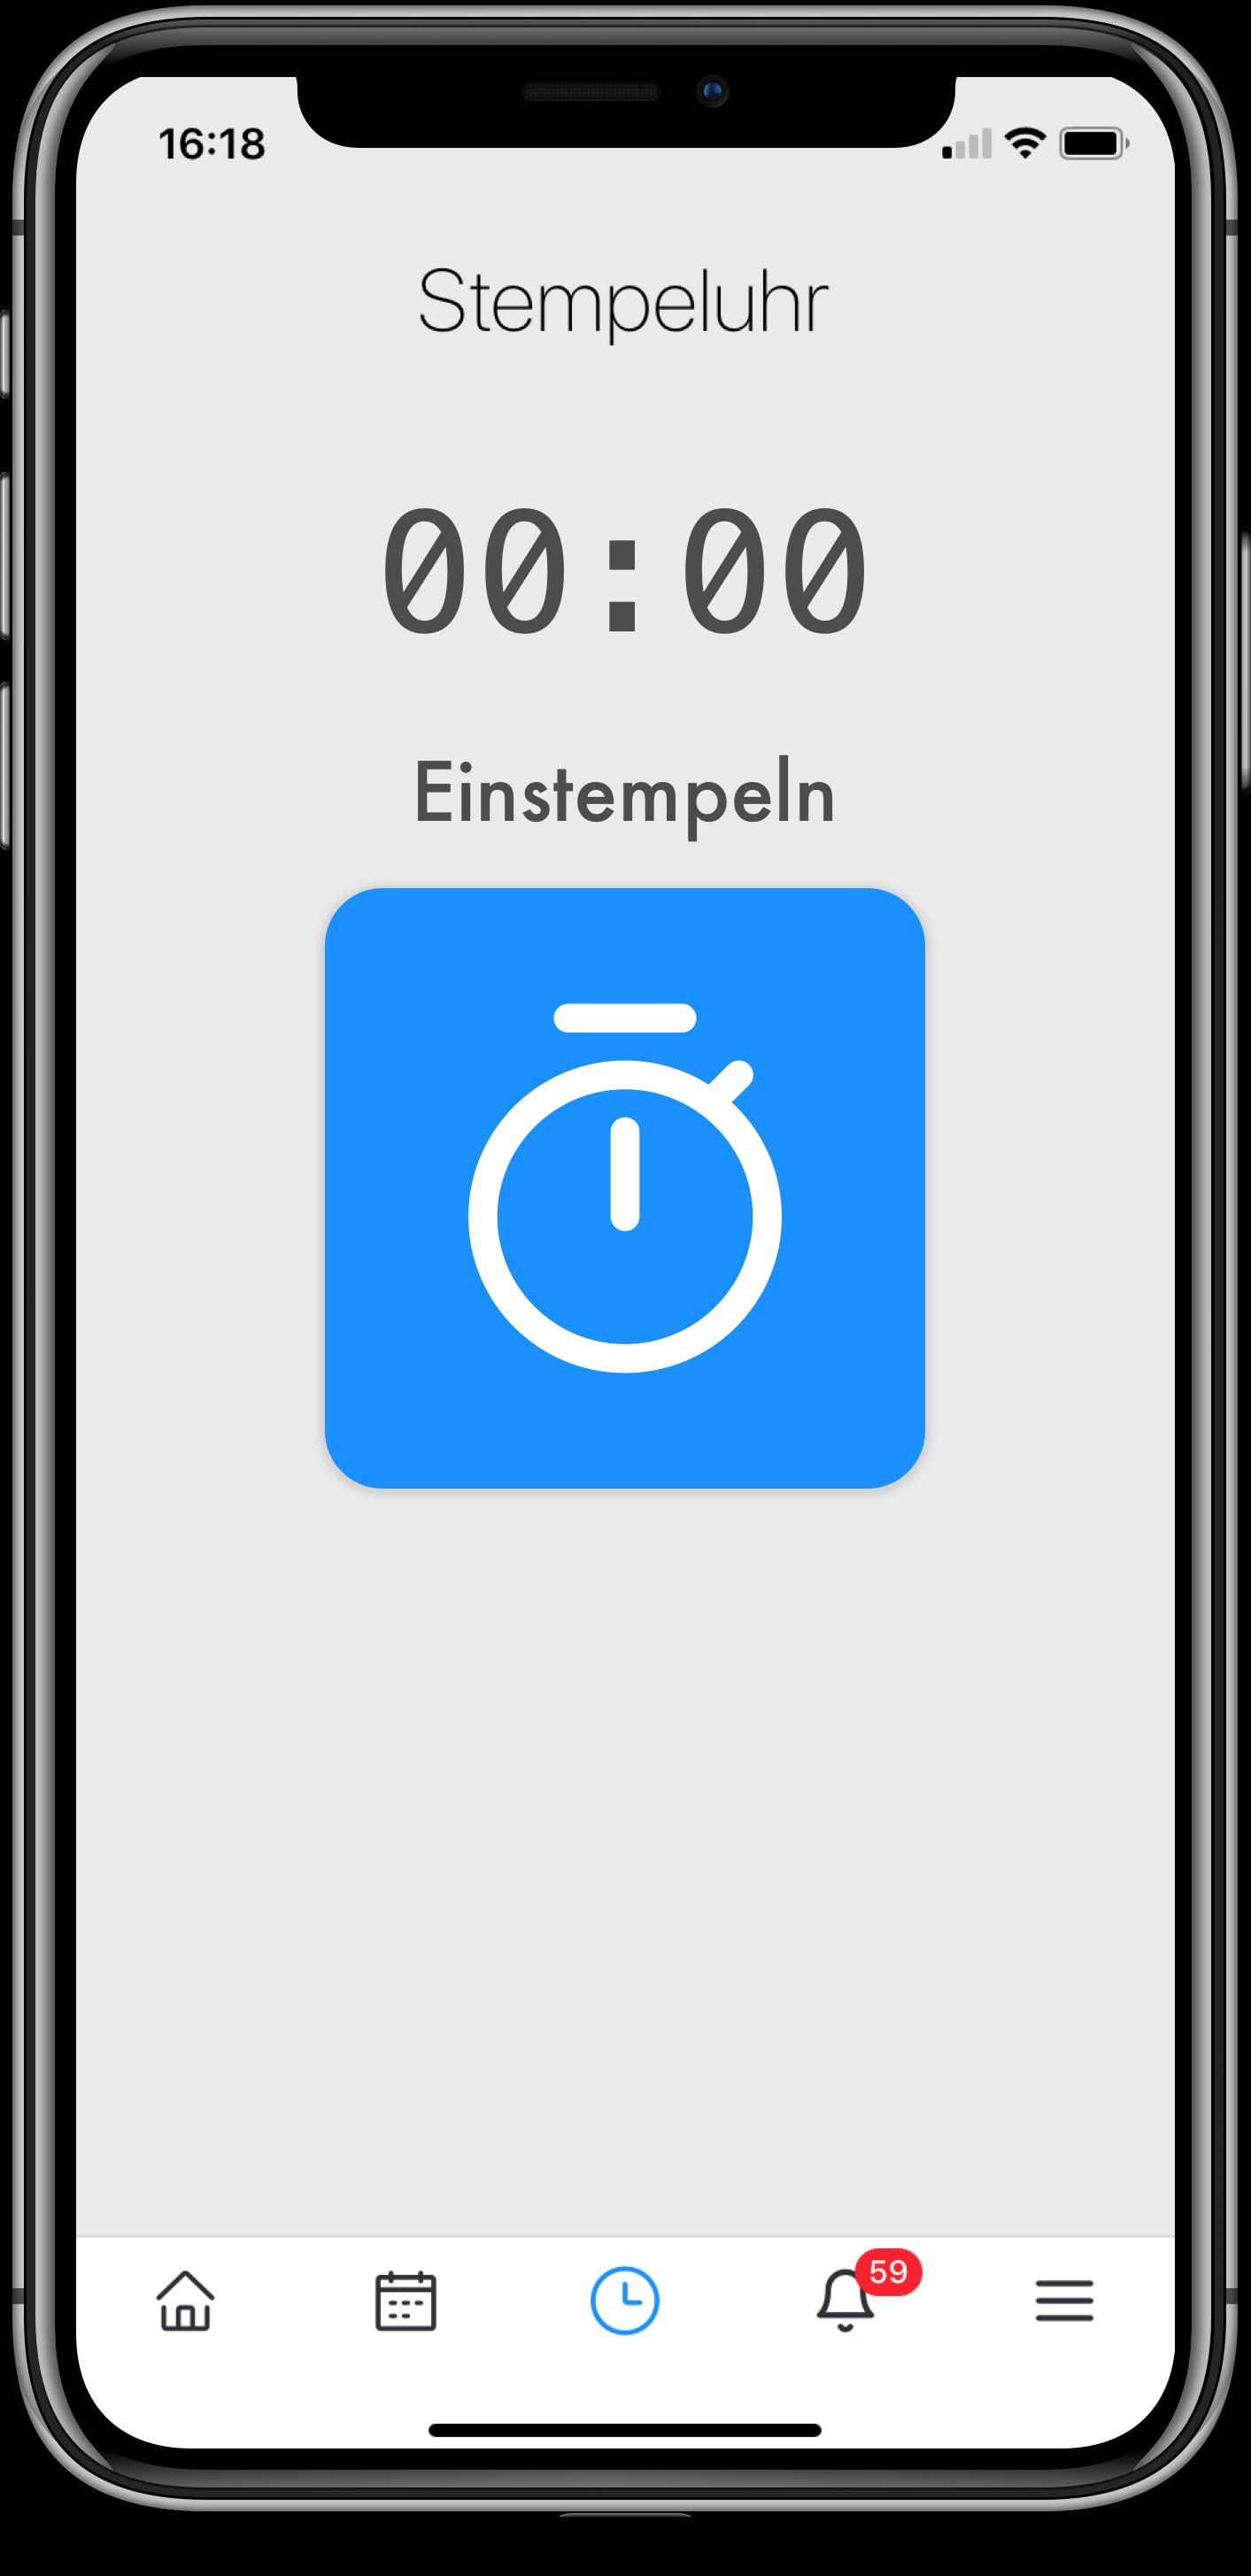 Stempeluhr per Smartphone